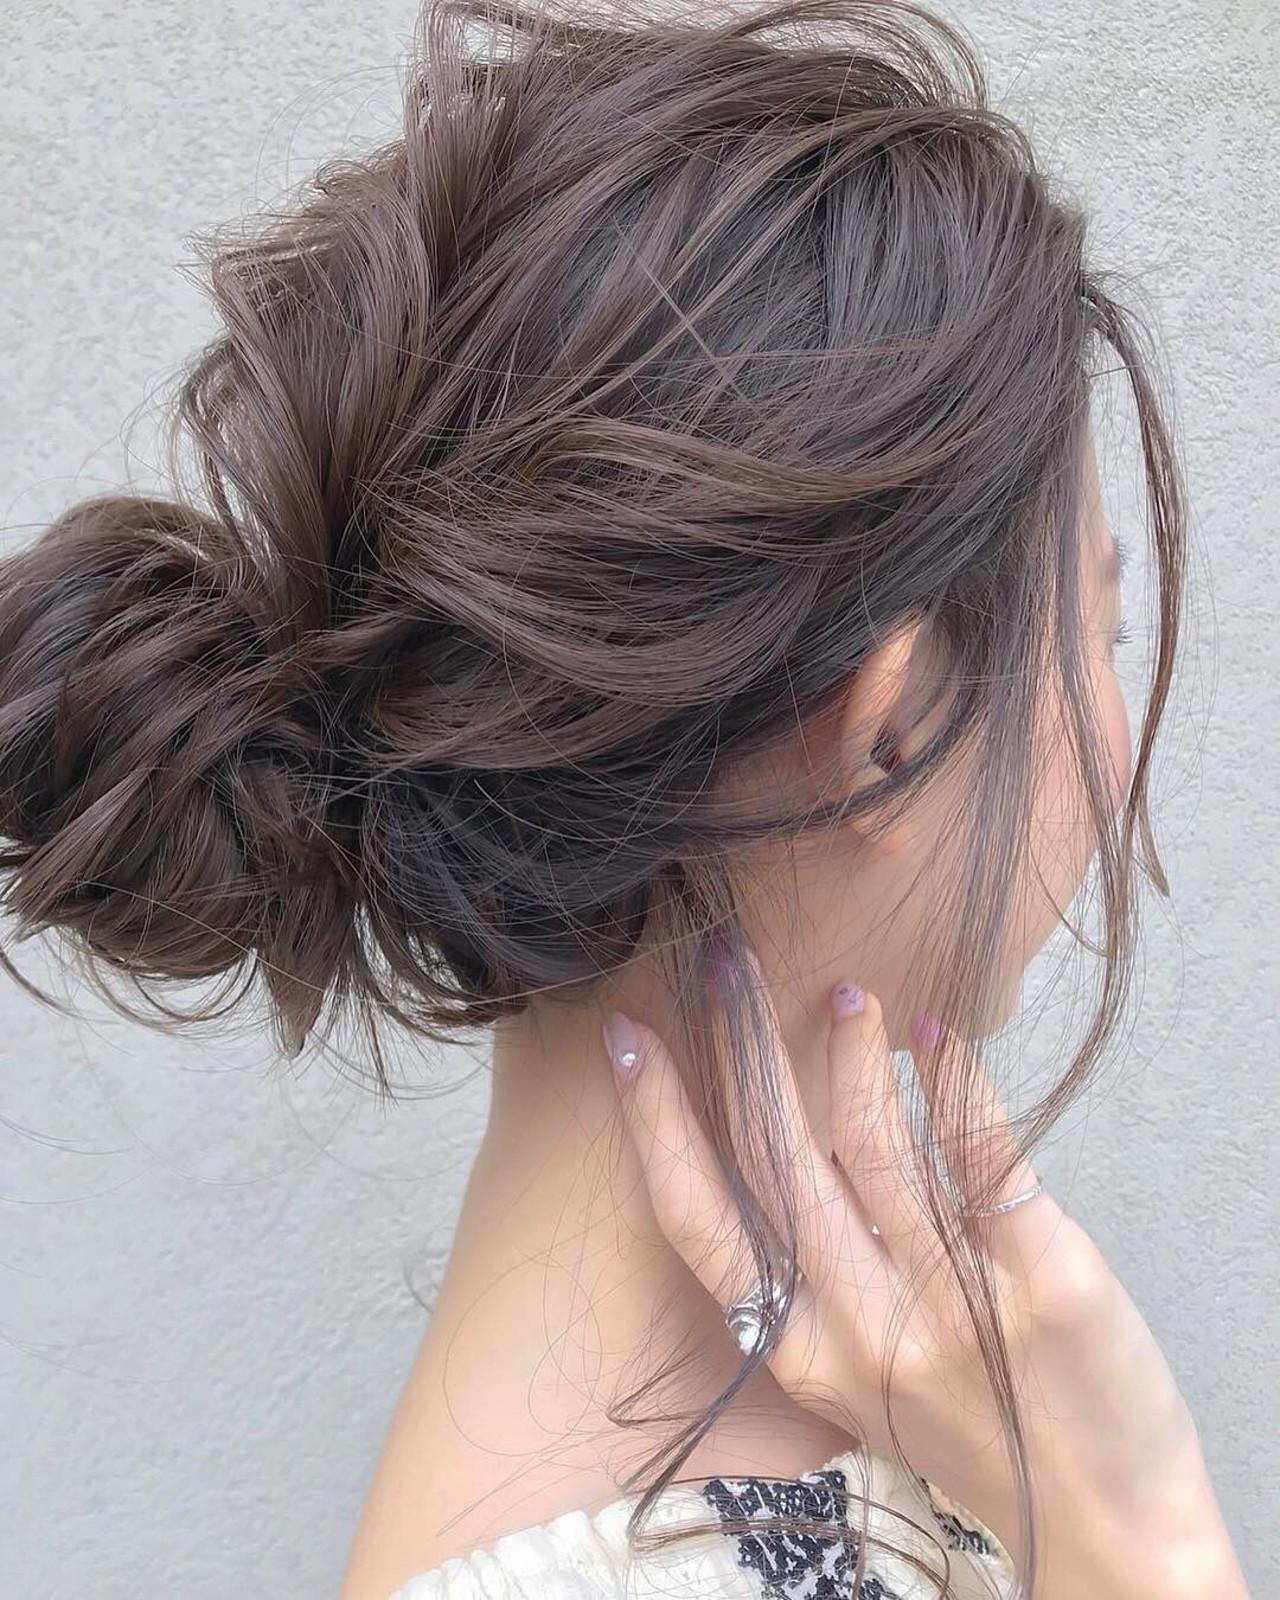 前髪なしの簡単アップで大人上品に 坂本圭太朗  luveheart'sAndBe+Eclat